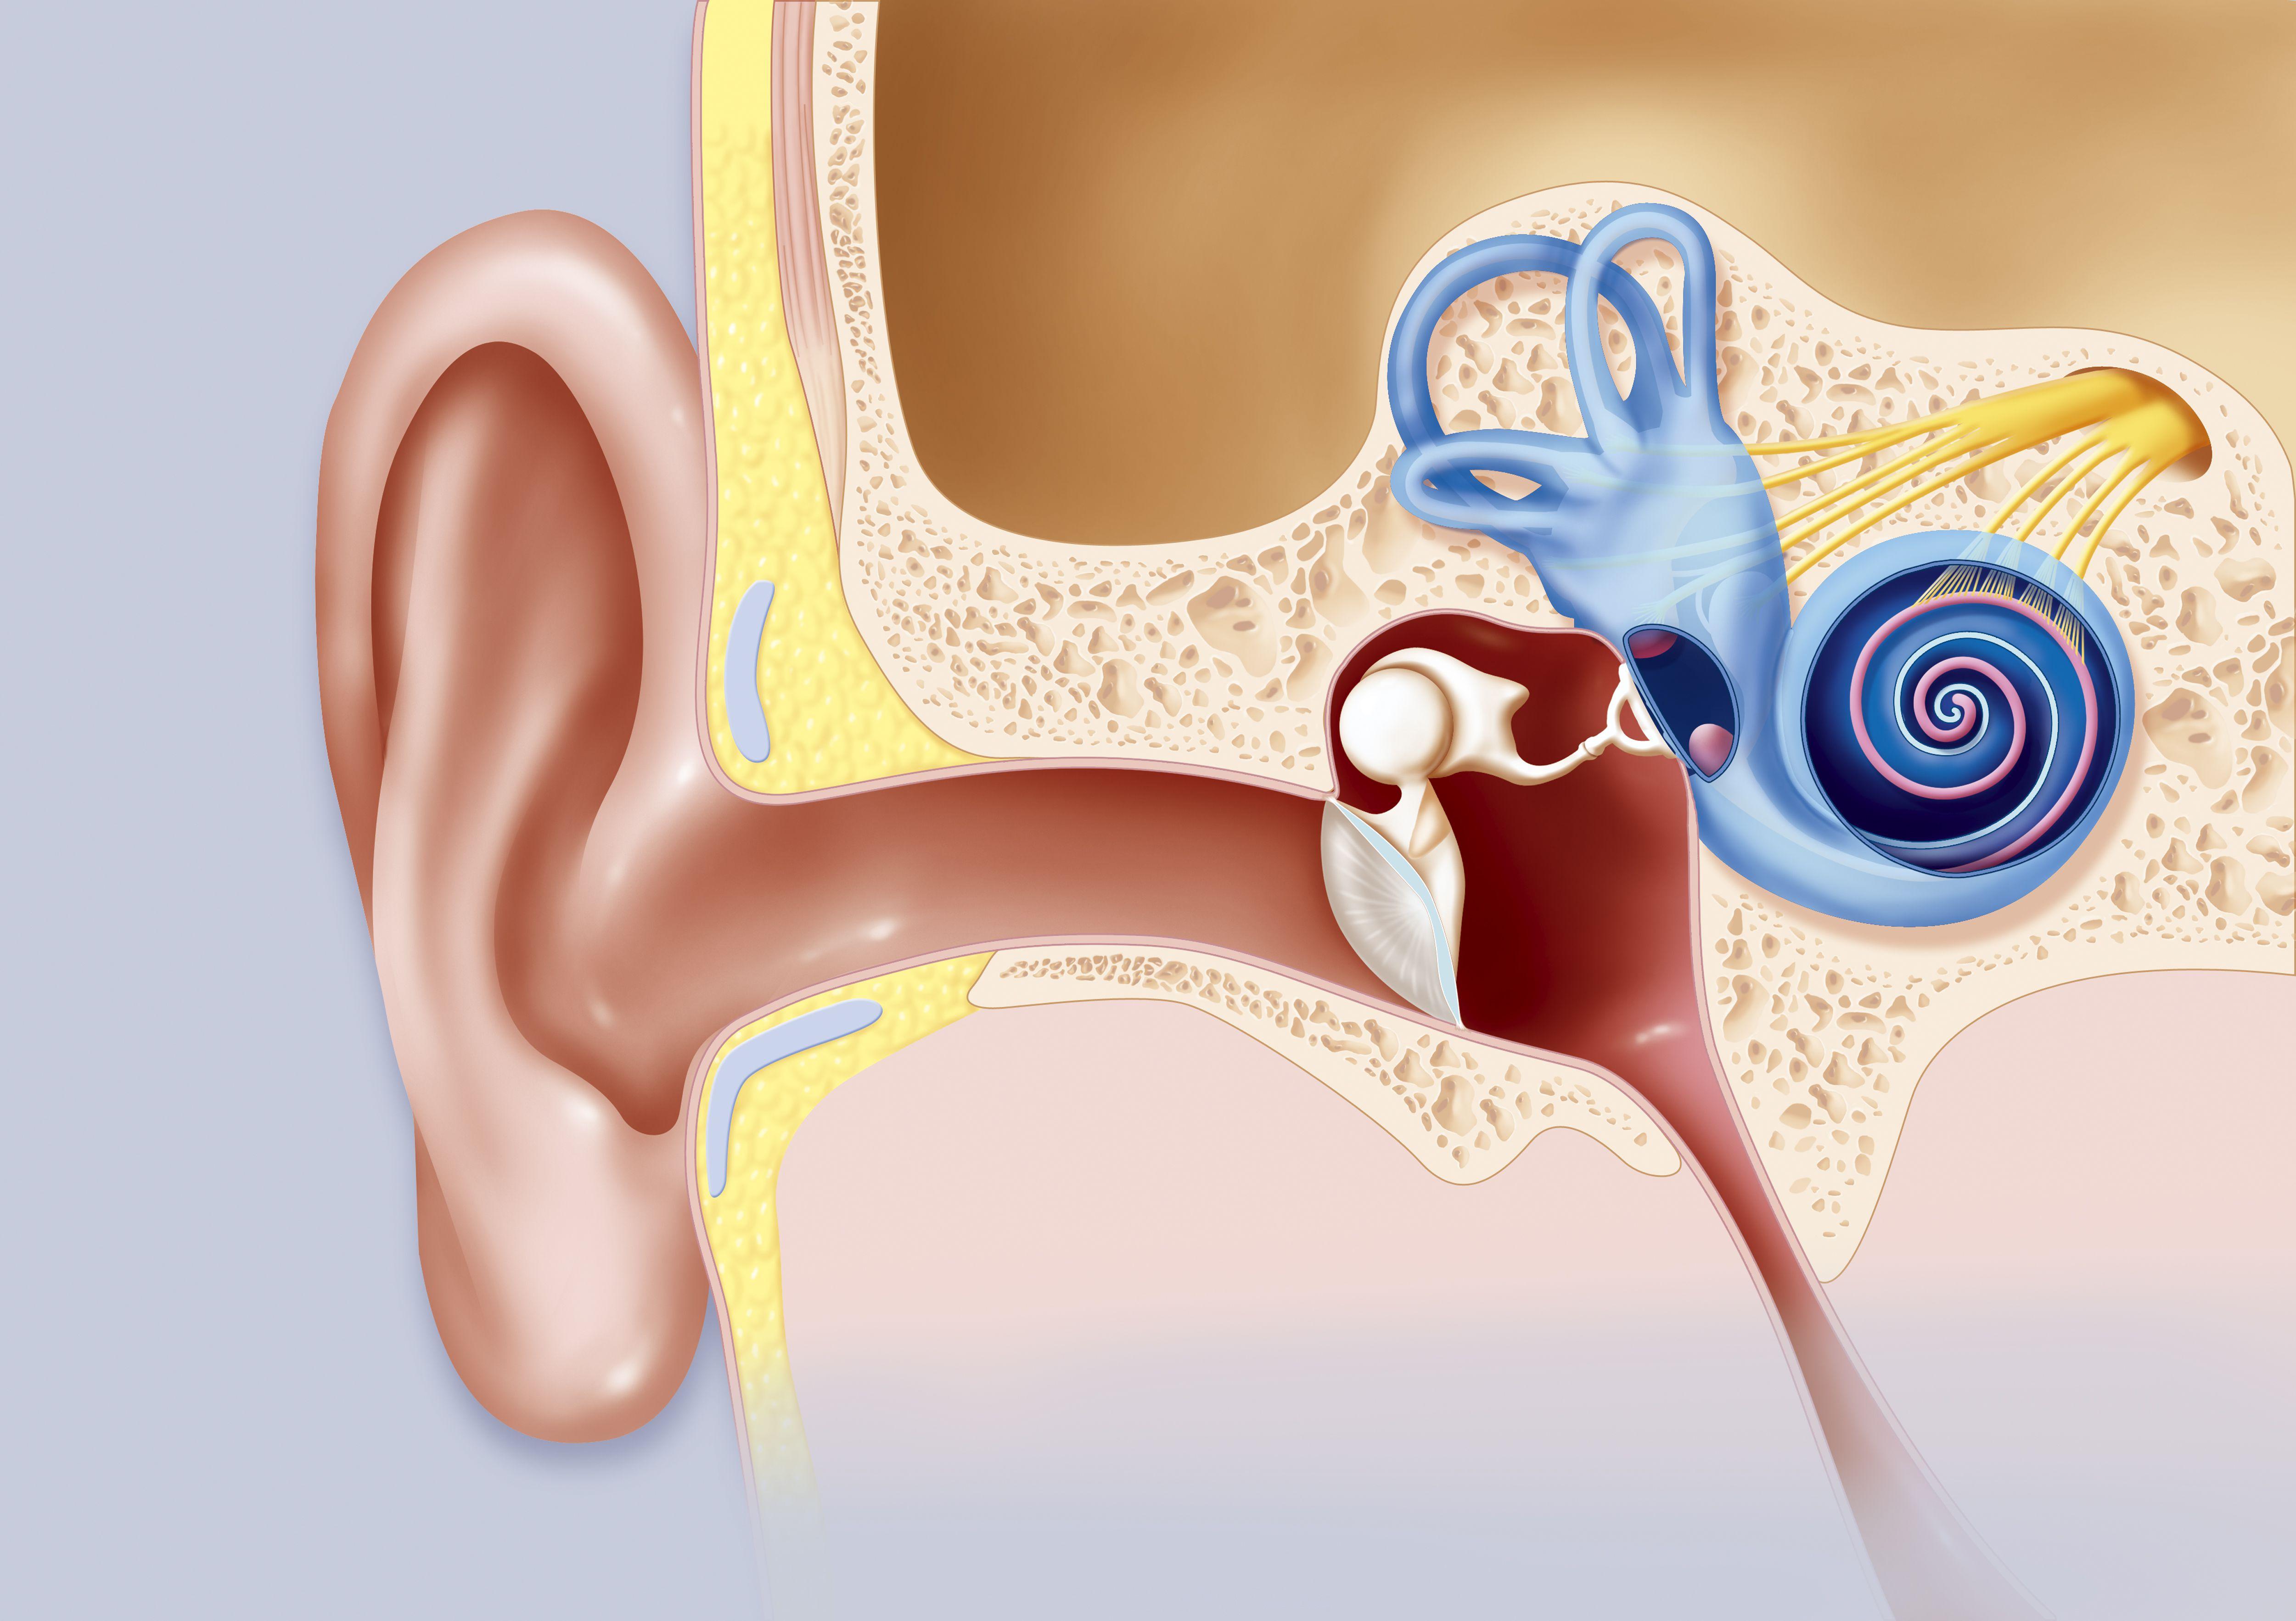 علاج إنسداد الأذن 19 طريقة طبيعية ثقف نفسك